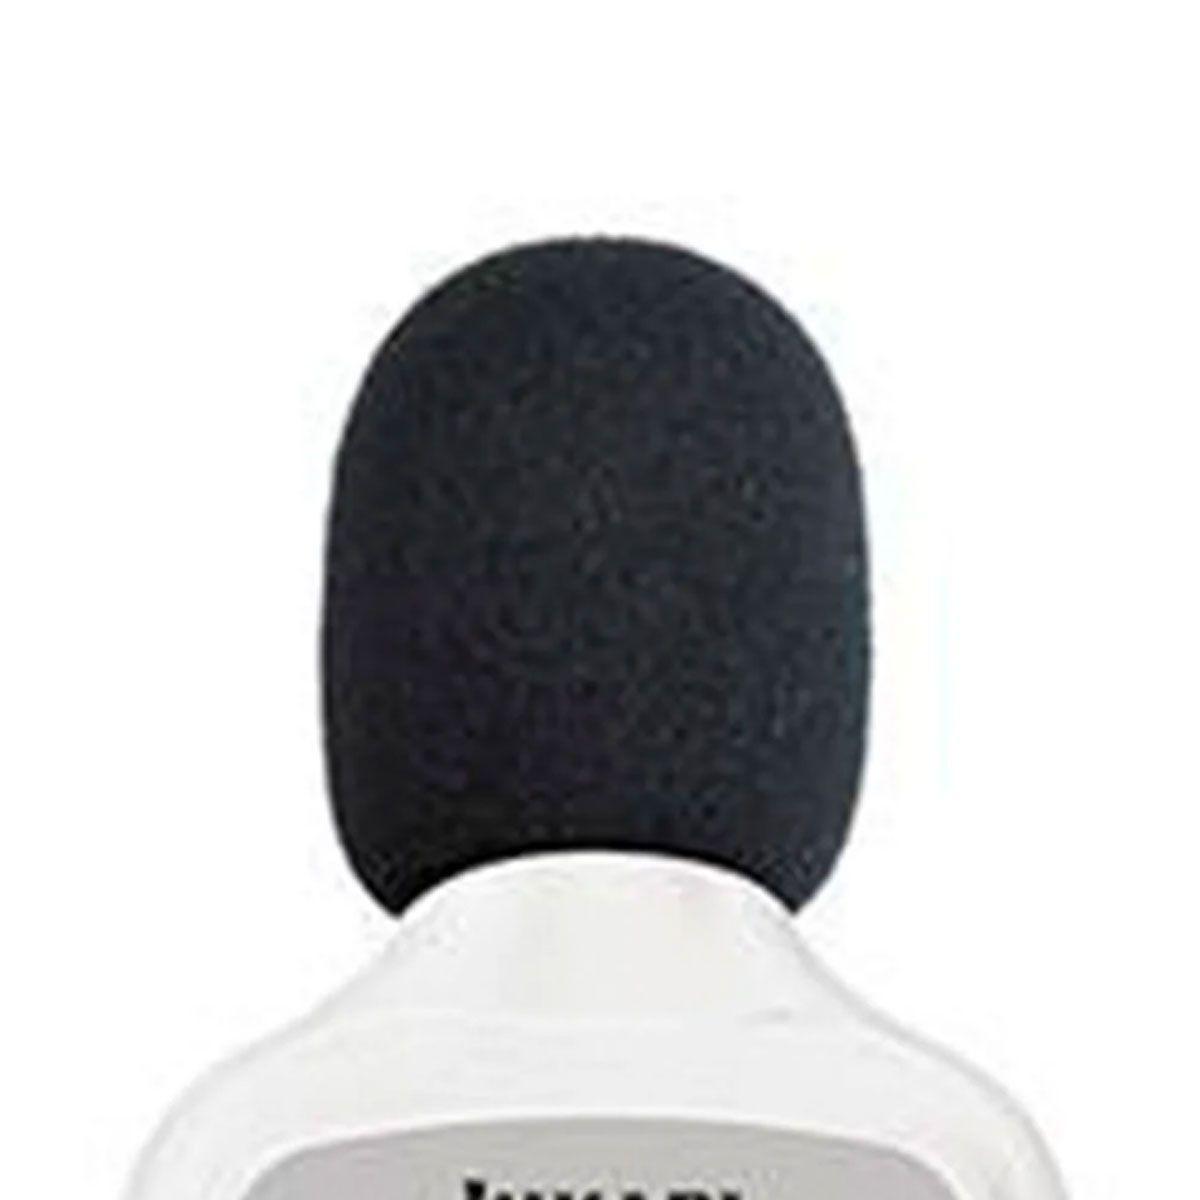 Mini Decibelímetro (Medição Sonora) Digital HDB-911 - HIKARI-21N221